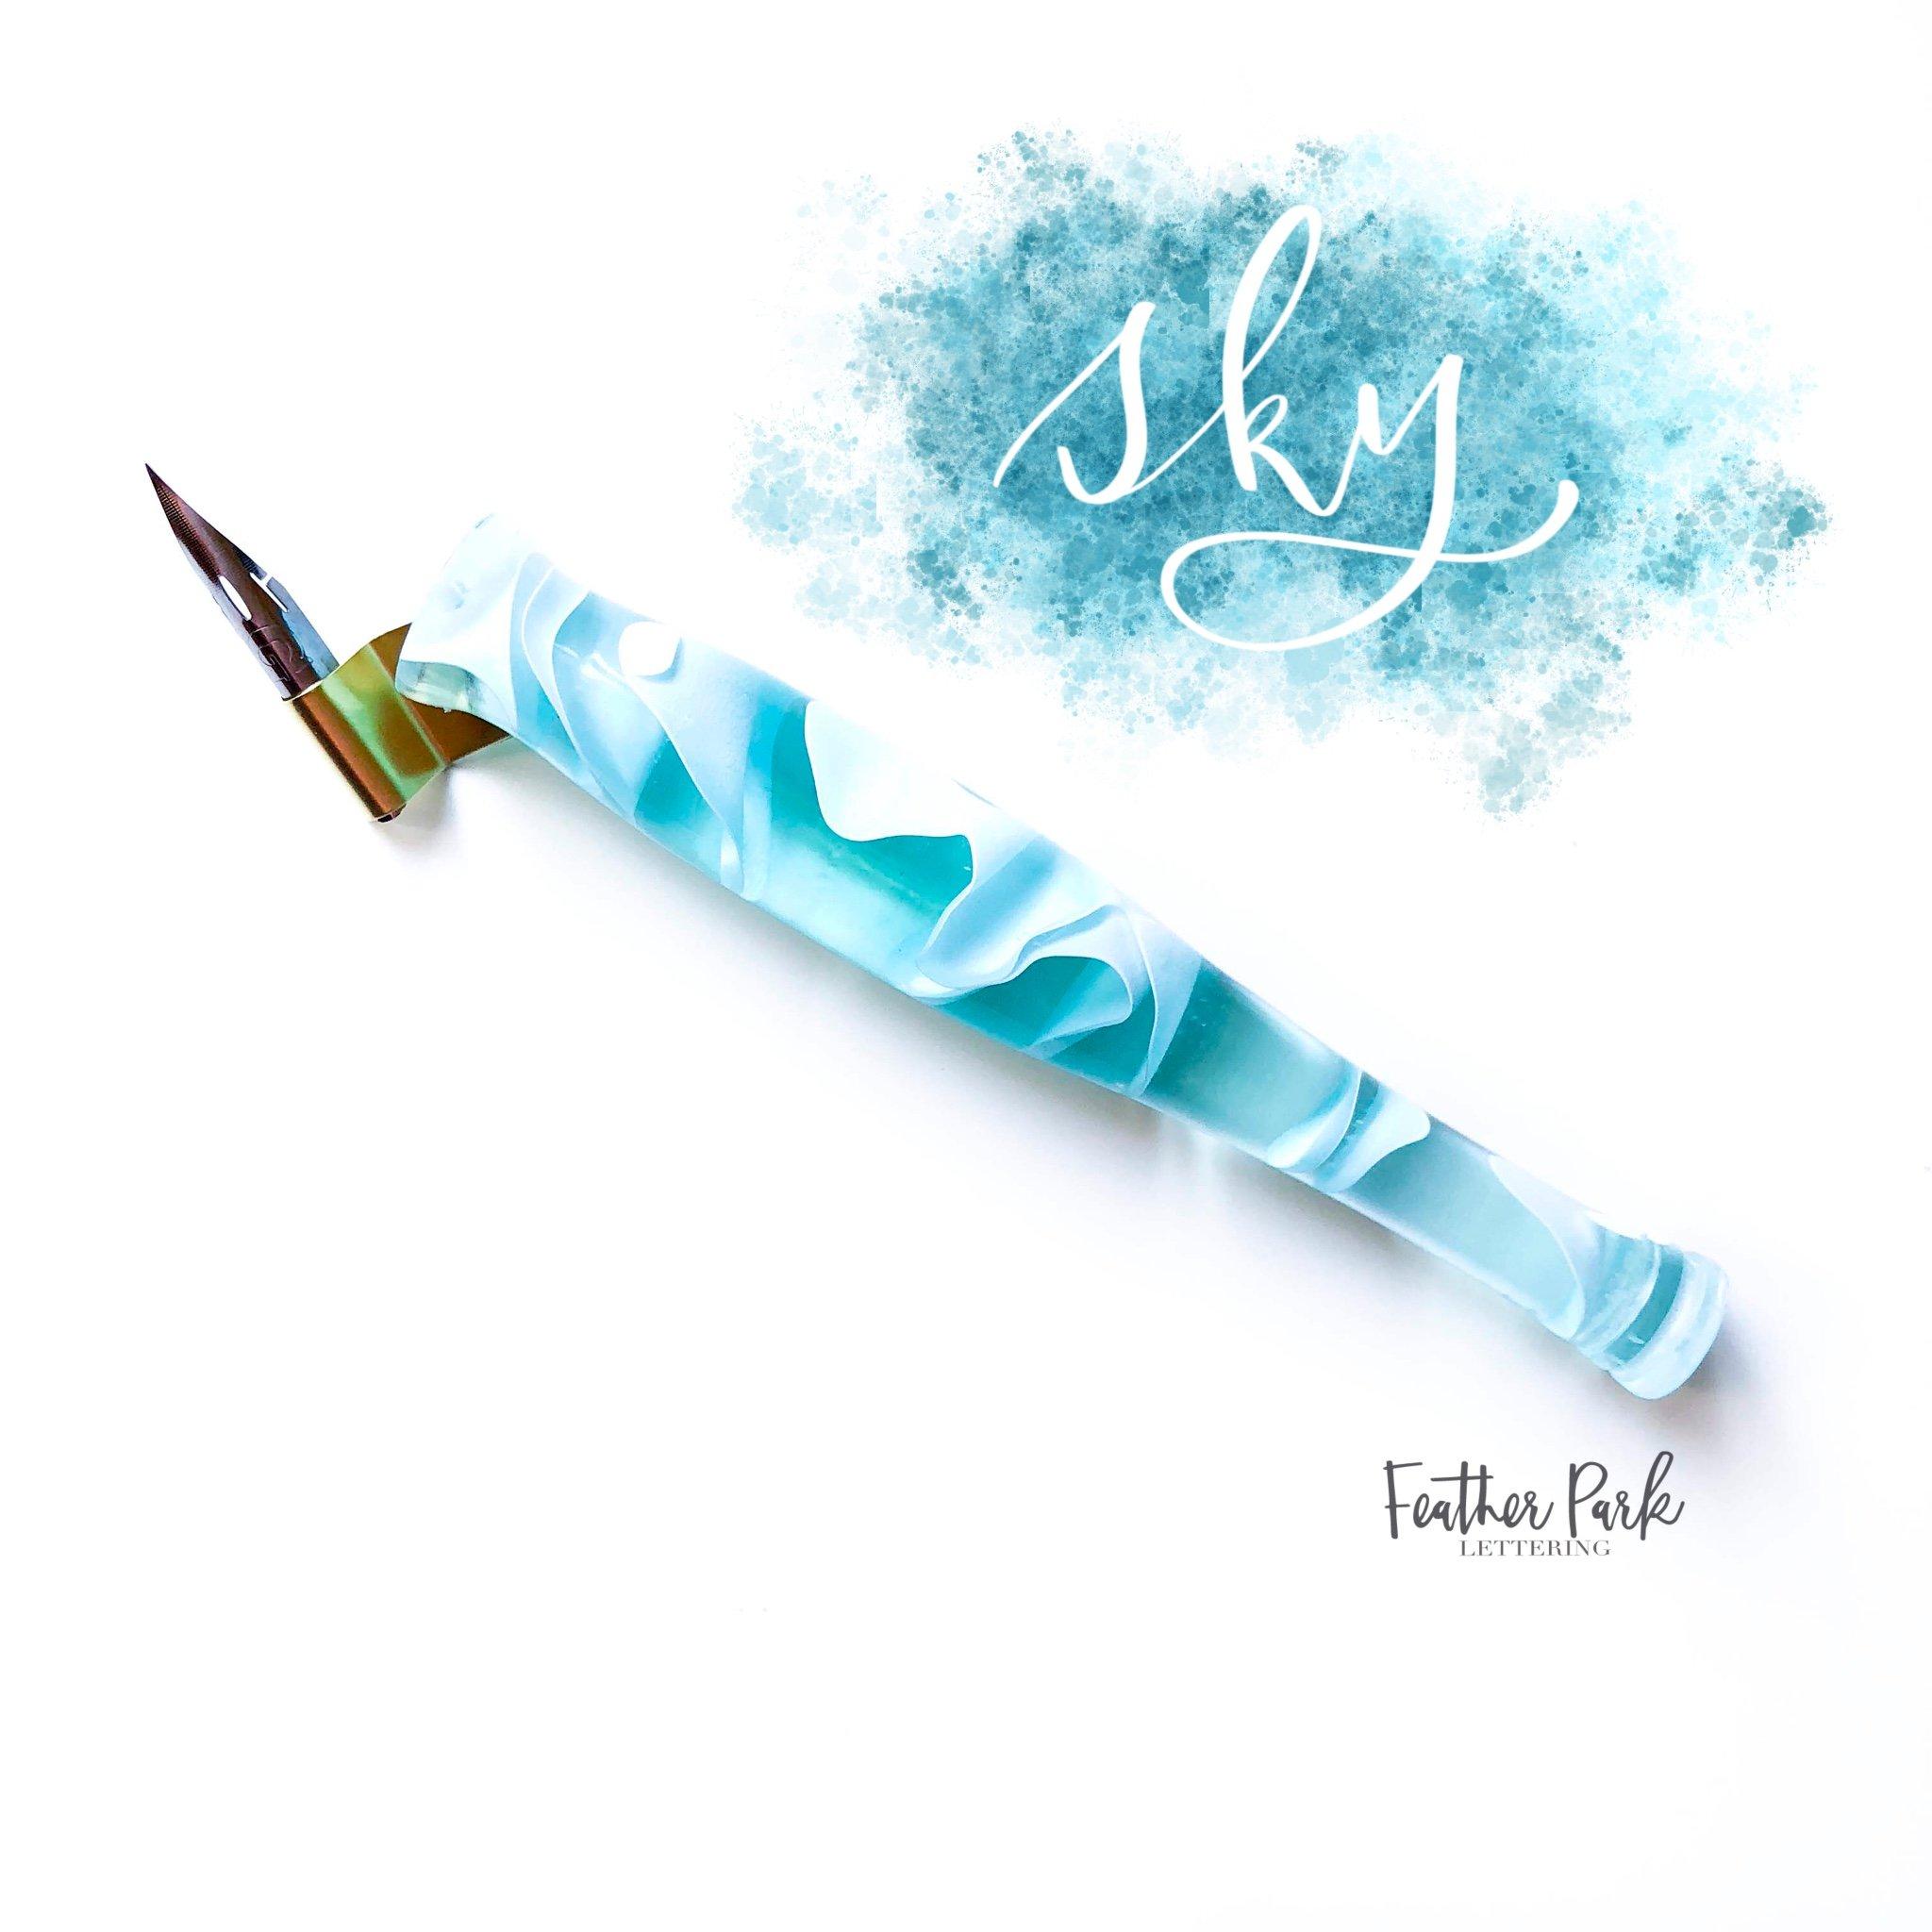 Elemental Oblique Pen Feather Park Lettering.jpg